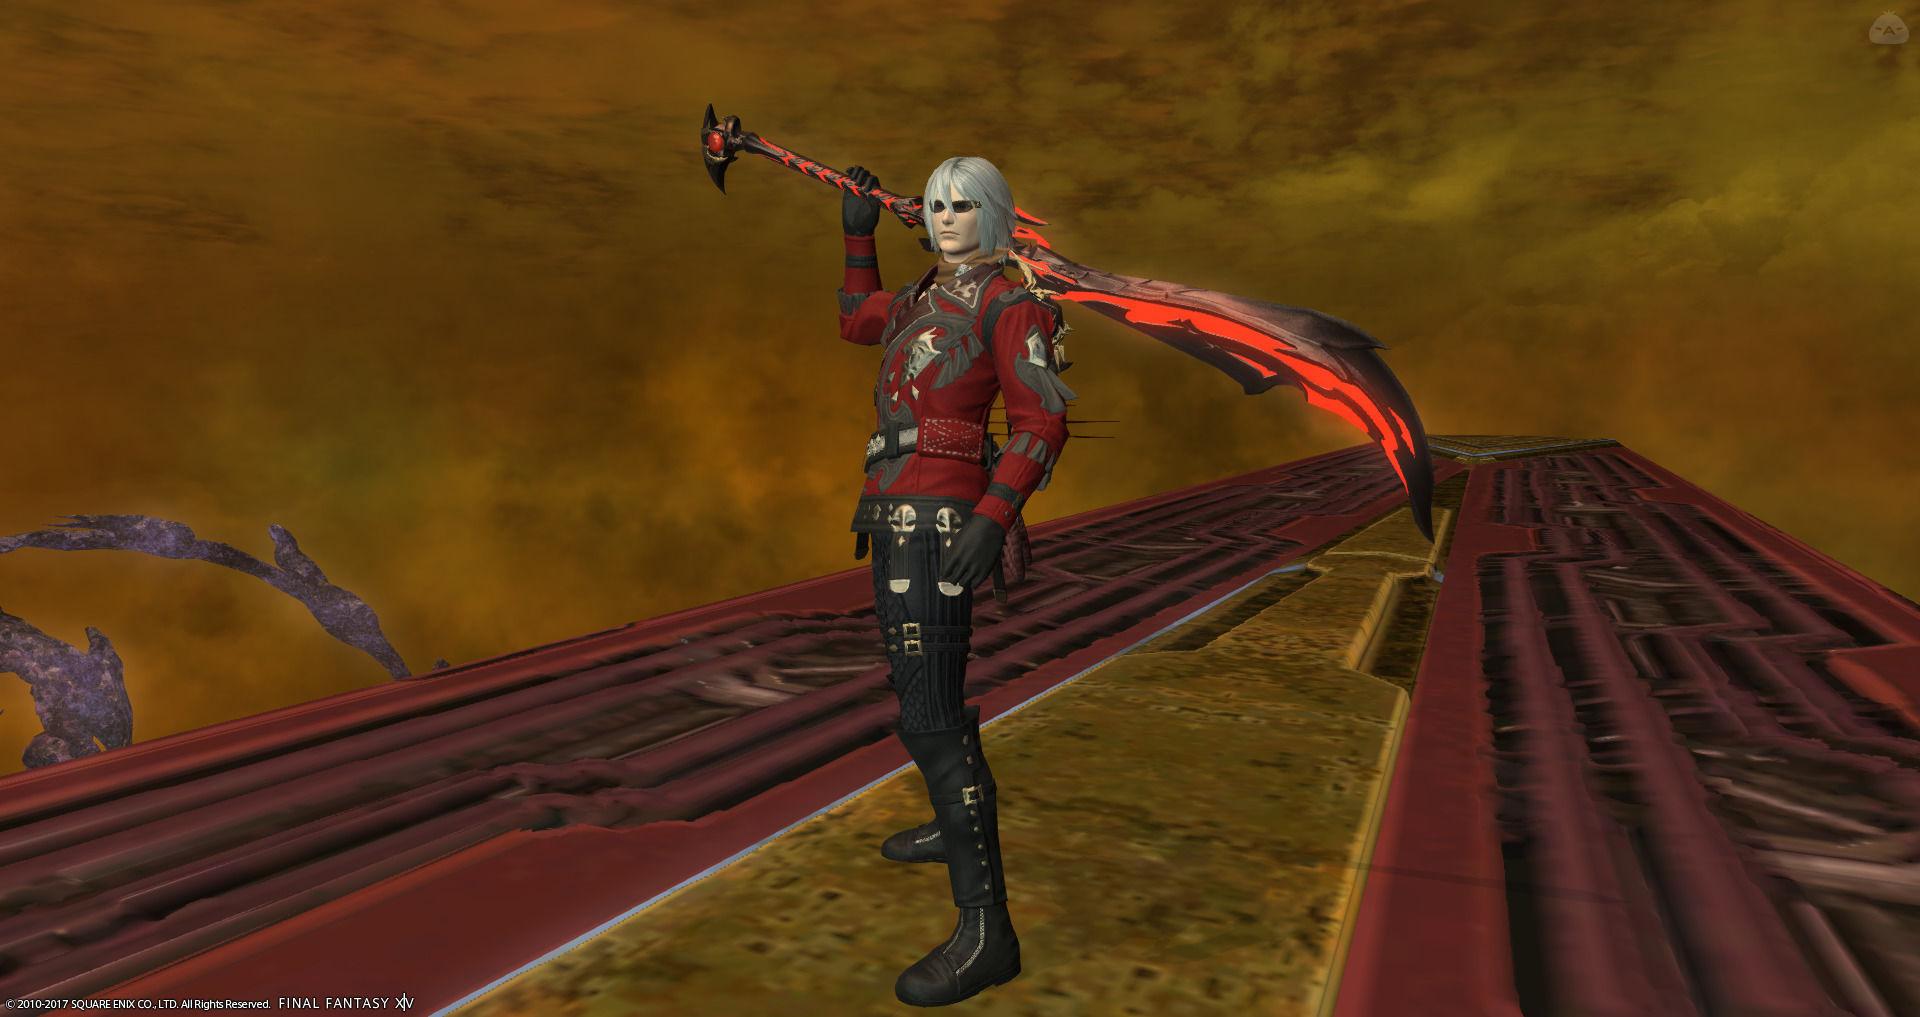 ハイカラ暗黒騎士